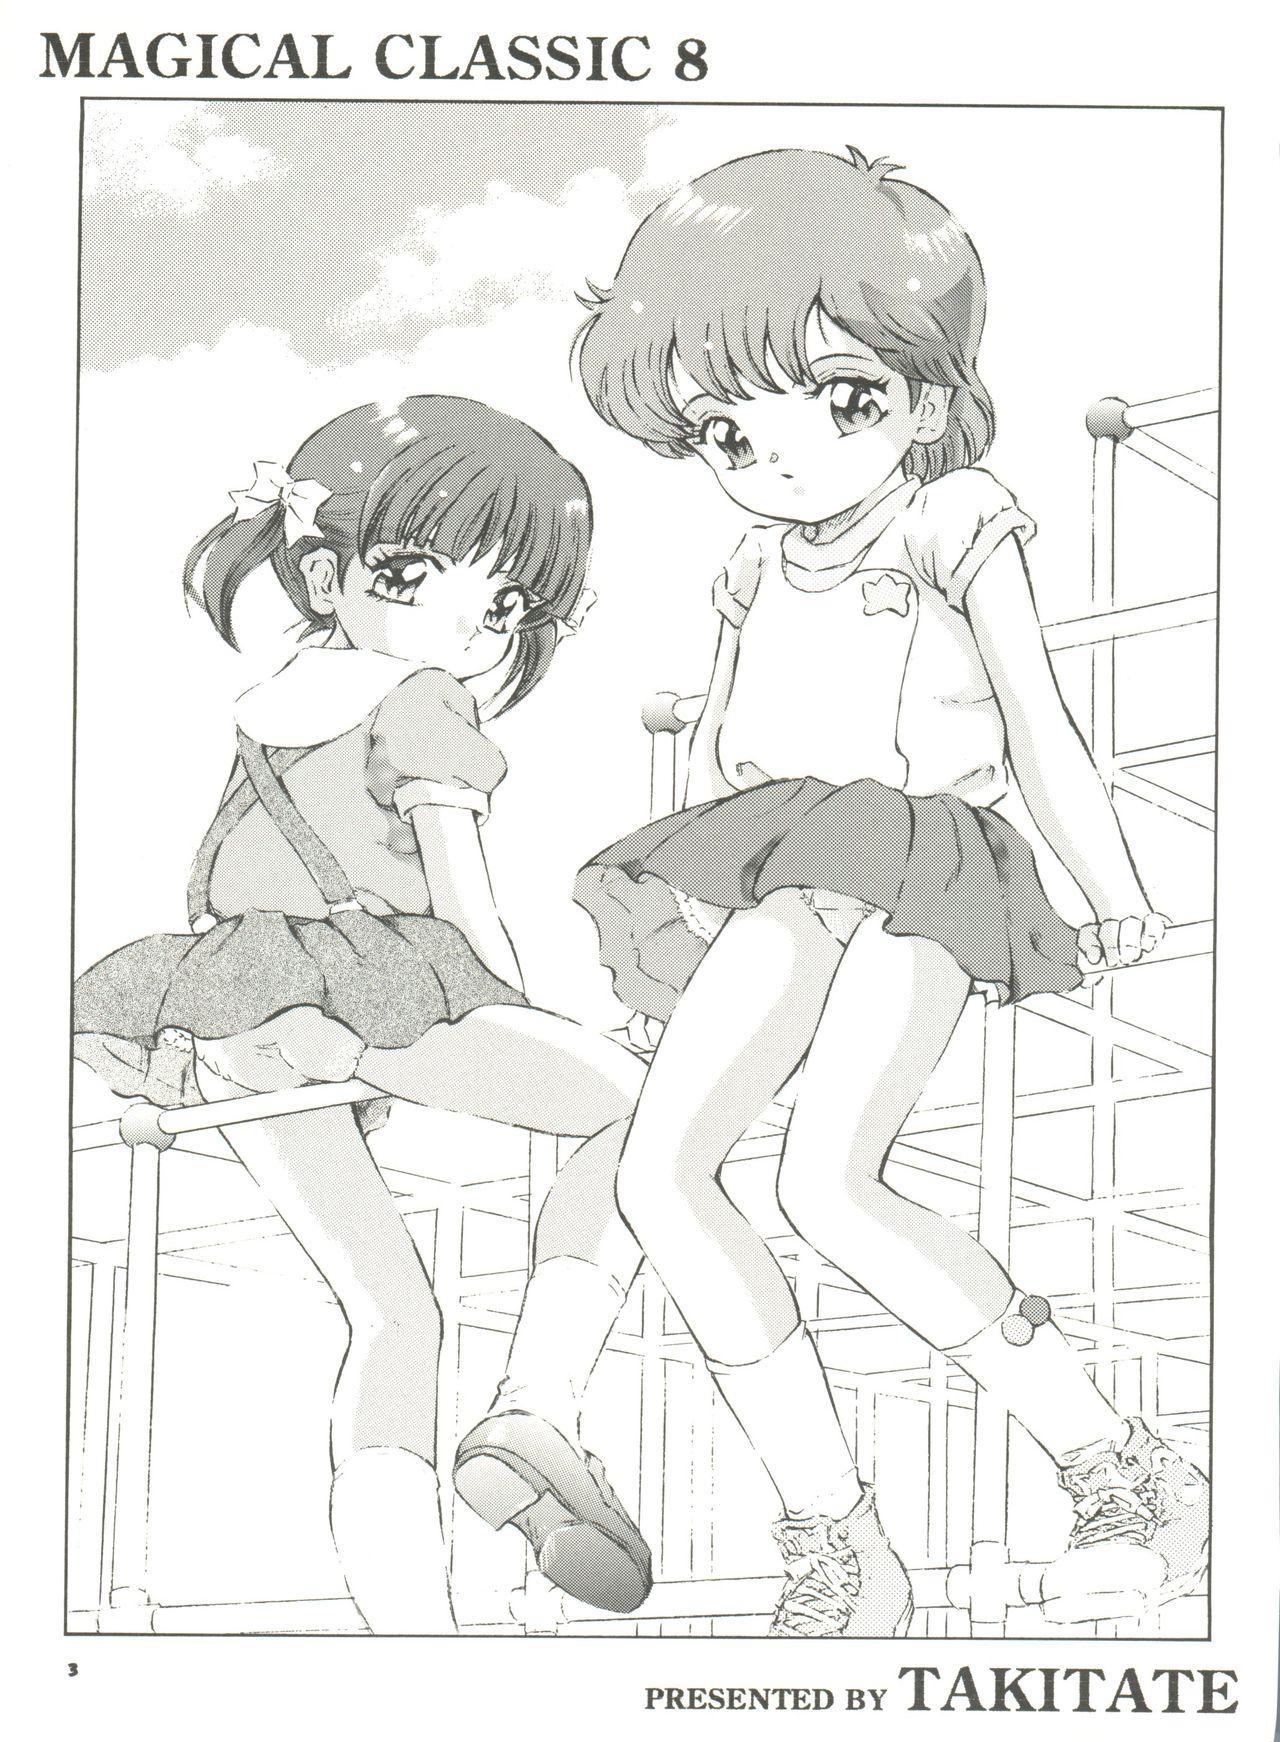 Mahou Kyuushiki 8 - Magical Classic 8 2